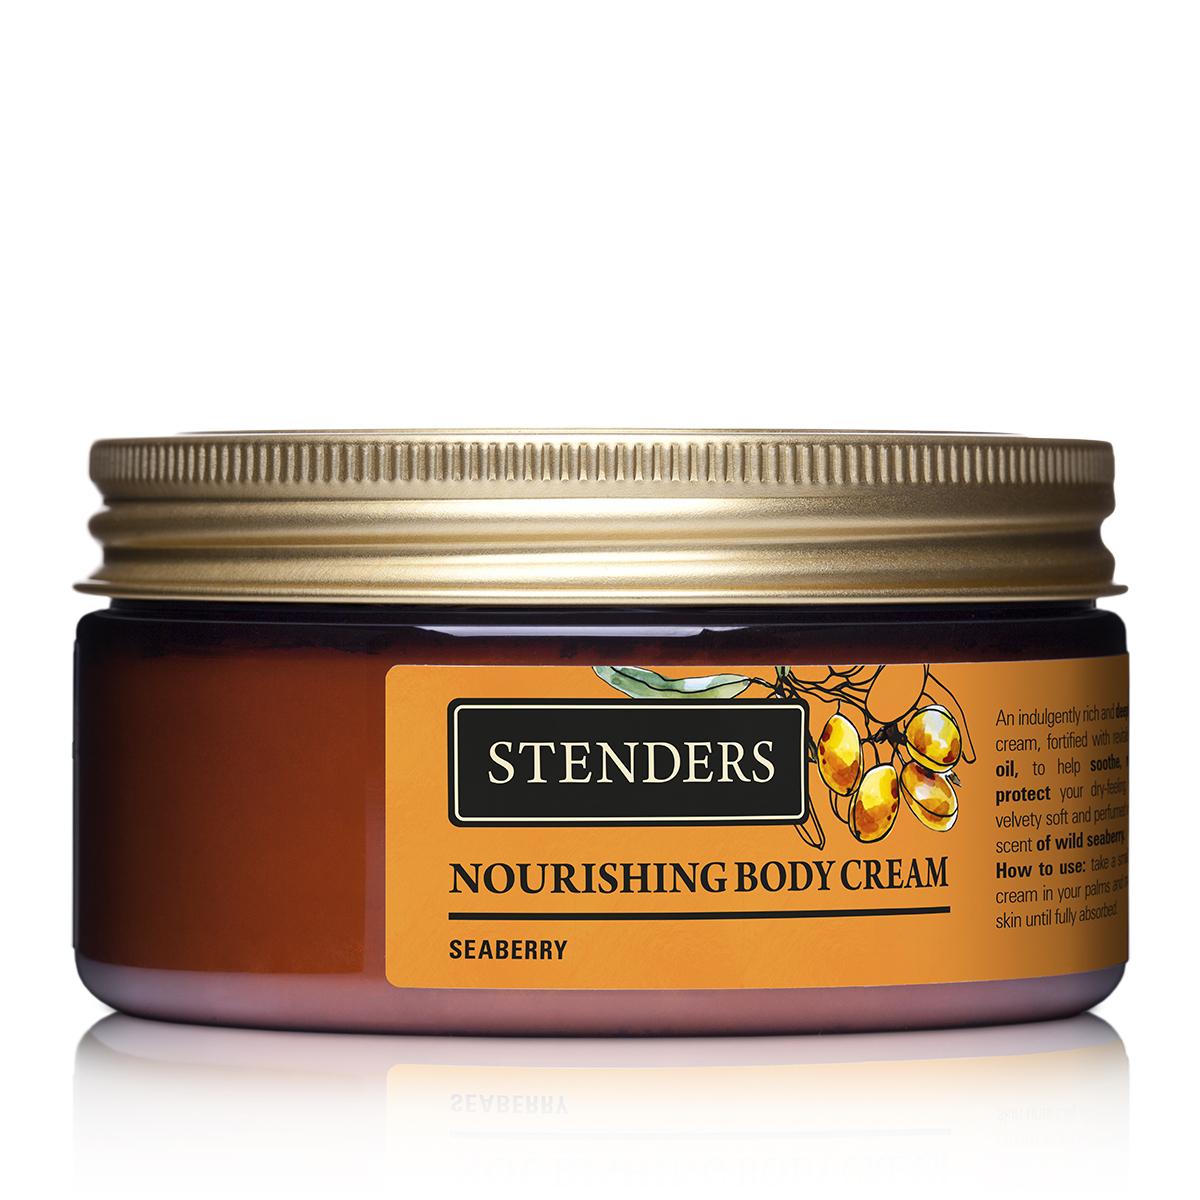 Stenders Крем для тела Облепиха, 200 мл8809426950706Этот питательный крем с роскошной консистенцией, состав которого дополнен облепиховым маслом, поможет успокоить, защитить и восстановить необходимый уровень влажности, препятствуя возникновению ощущения сухости, делая кожу бархатистой и придавая ей освежающий аромат облепихи.